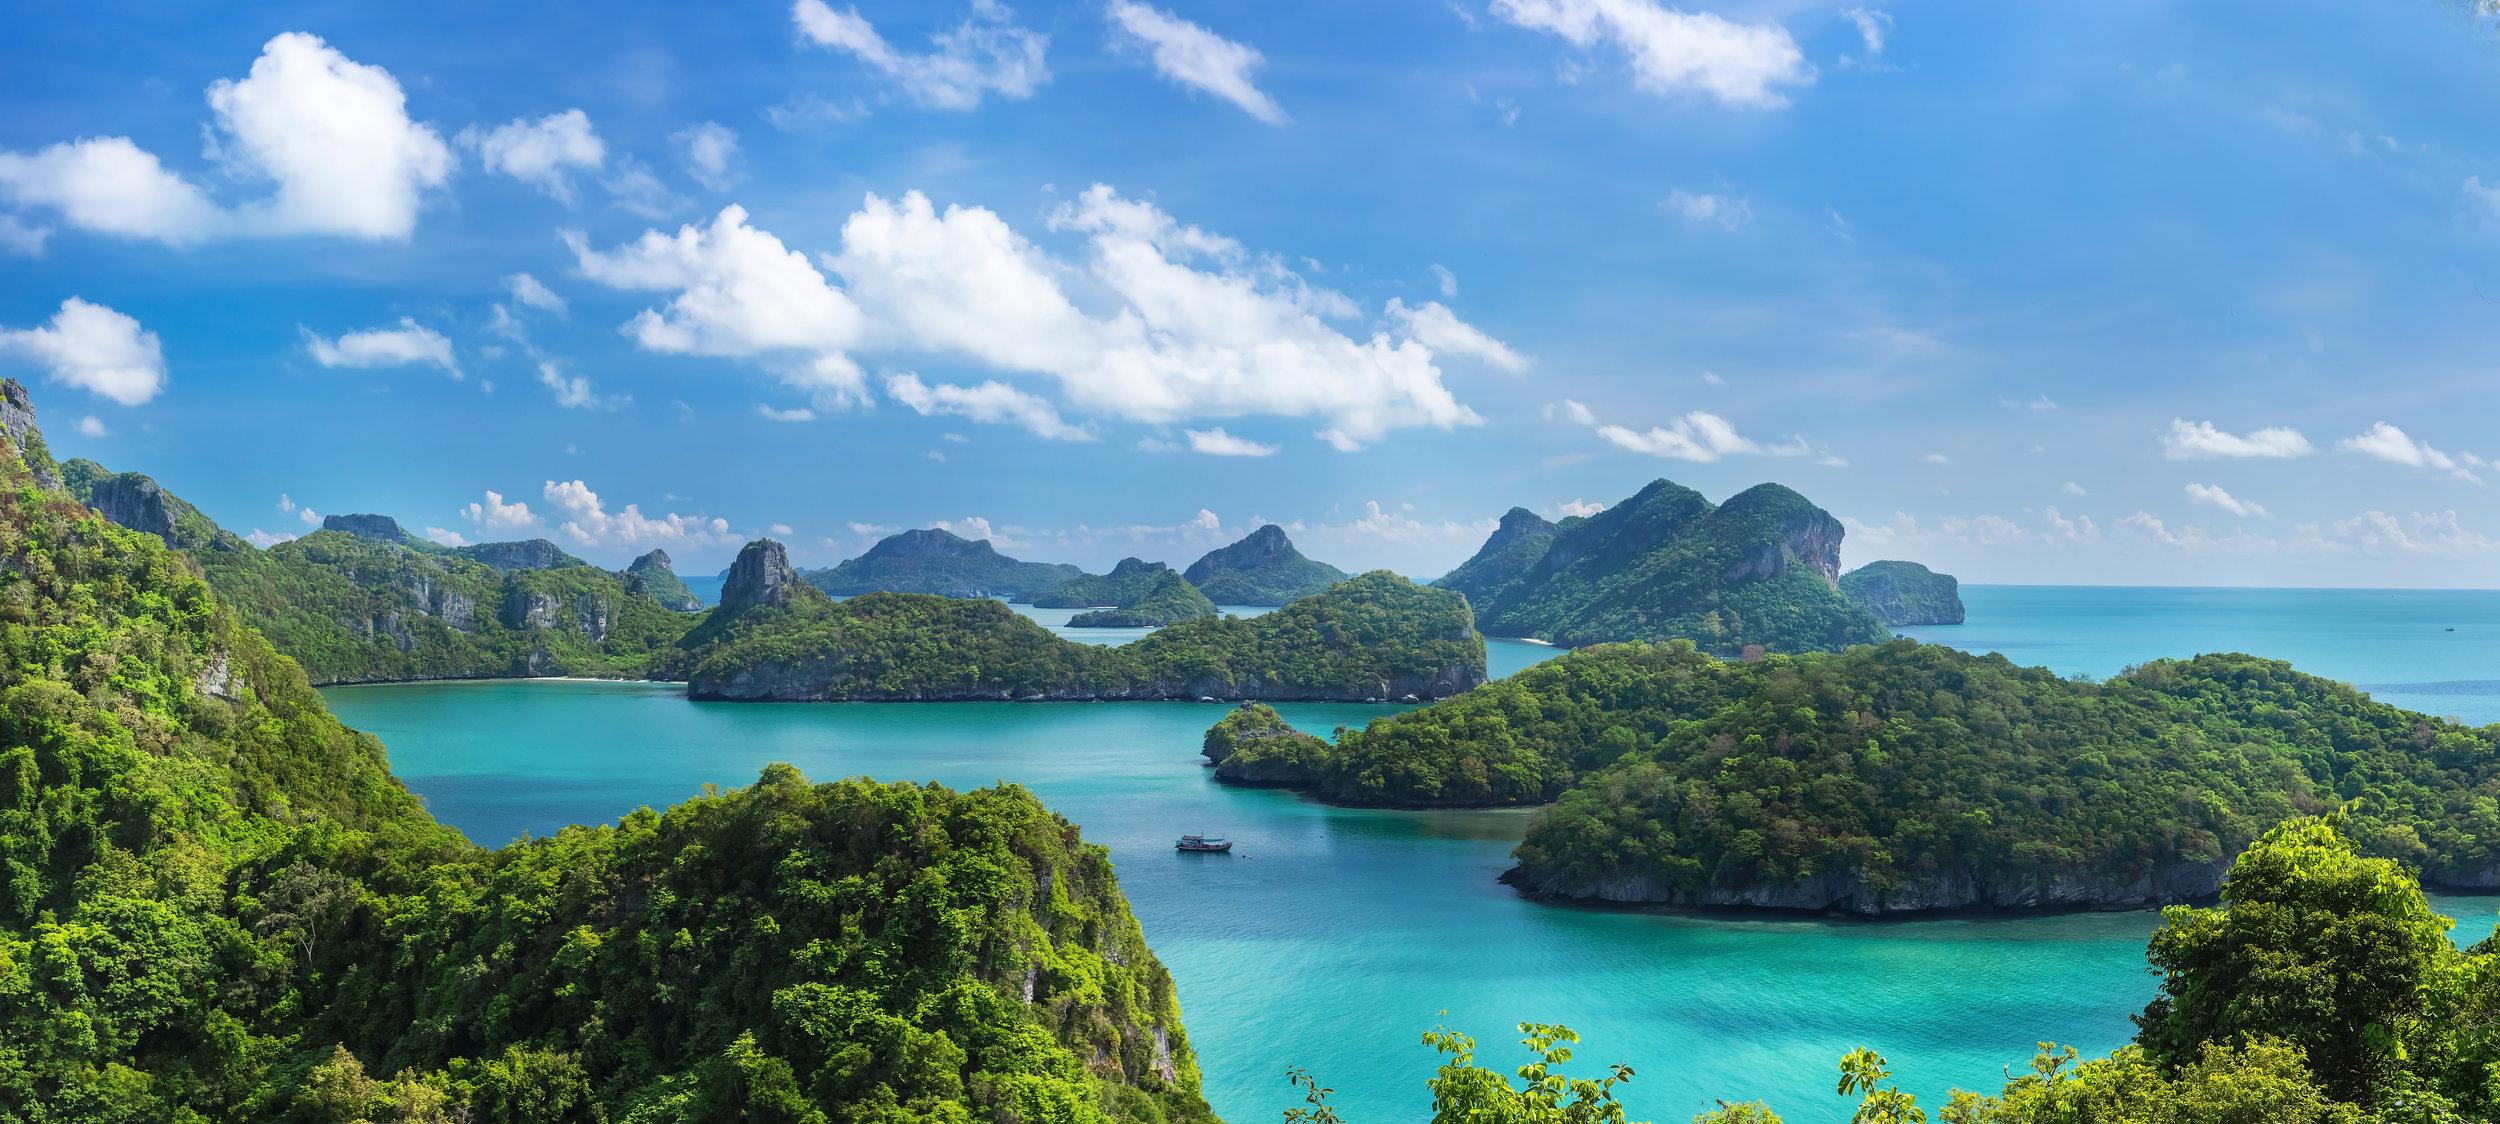 Sea-Thailand,-Mu-Ko-Ang-Thong-island-504705735_8000x3596.jpeg